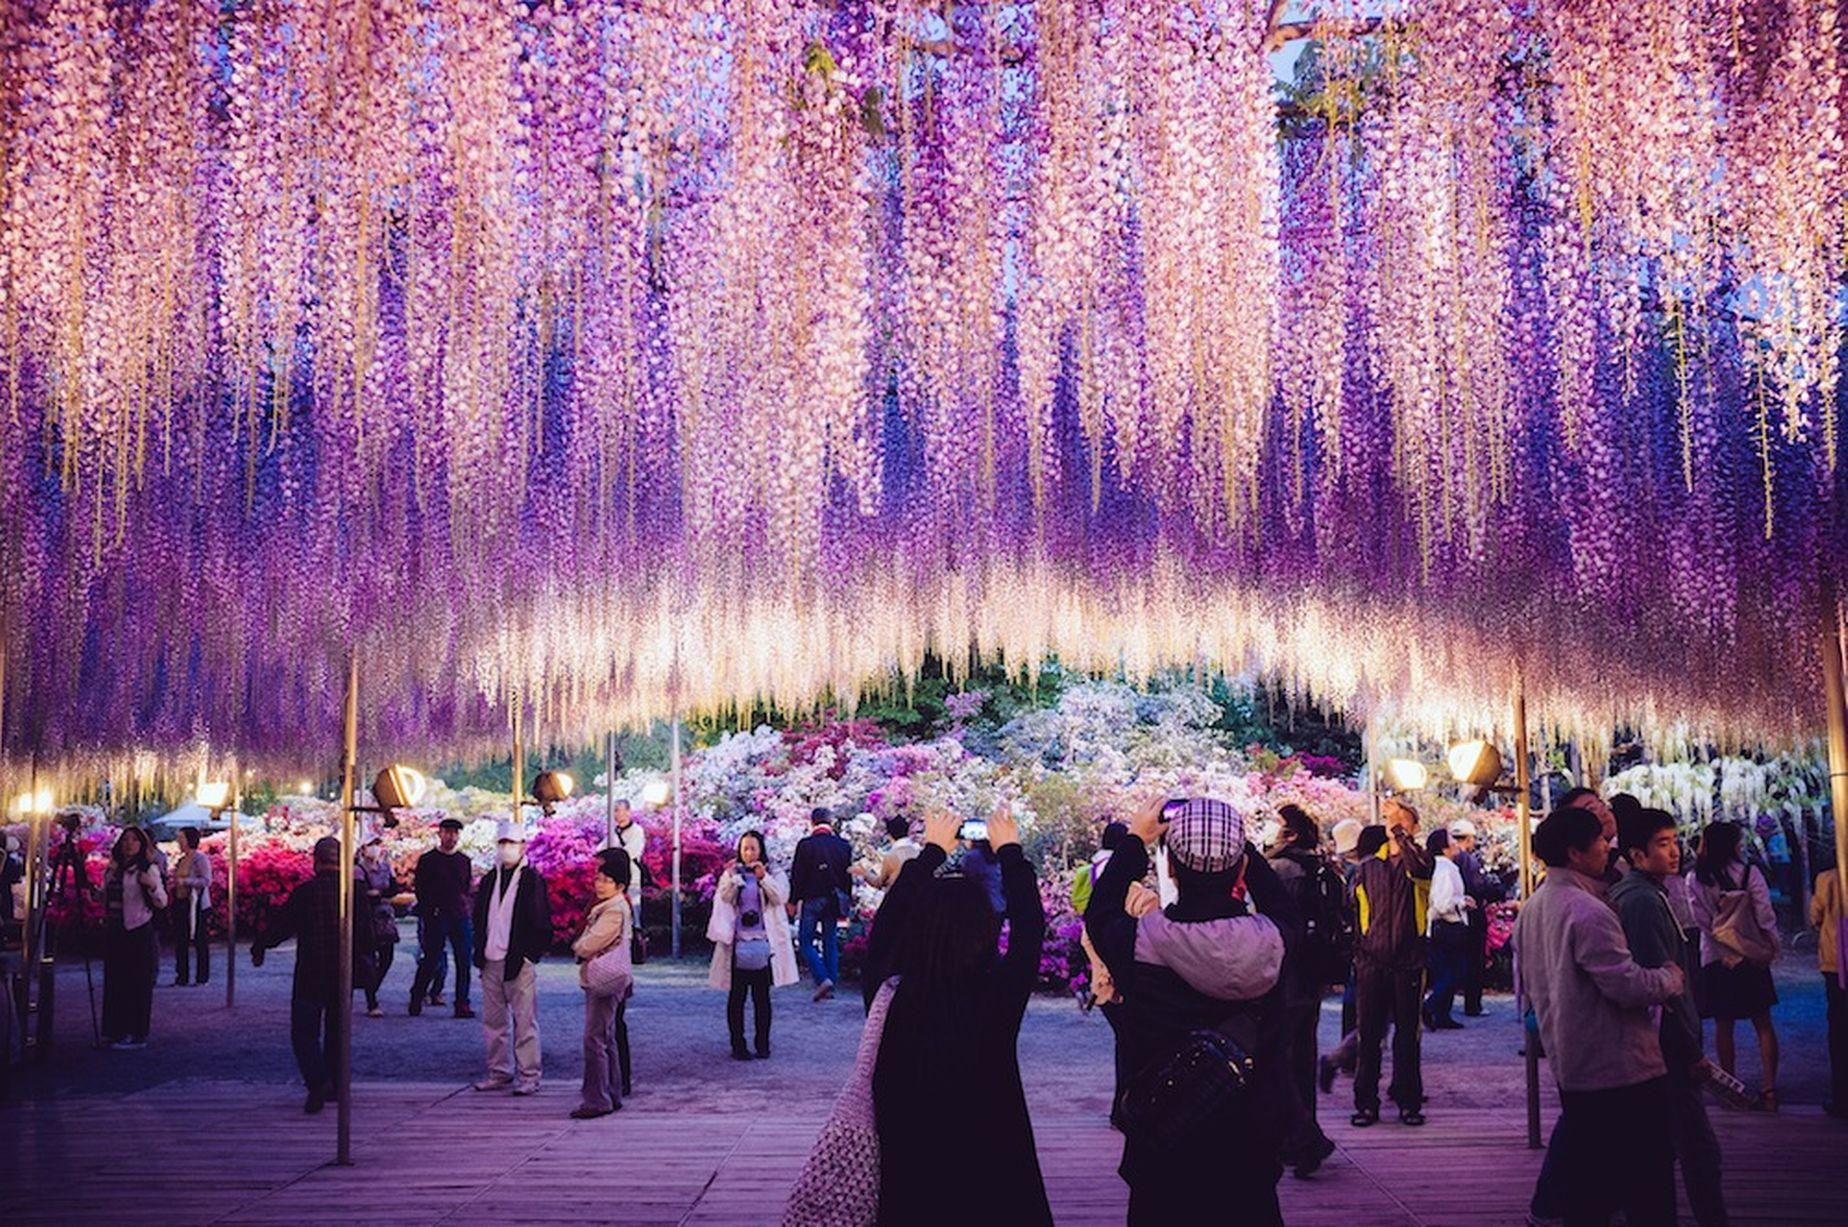 PAY-Ashikaga-Flower-Park (1)